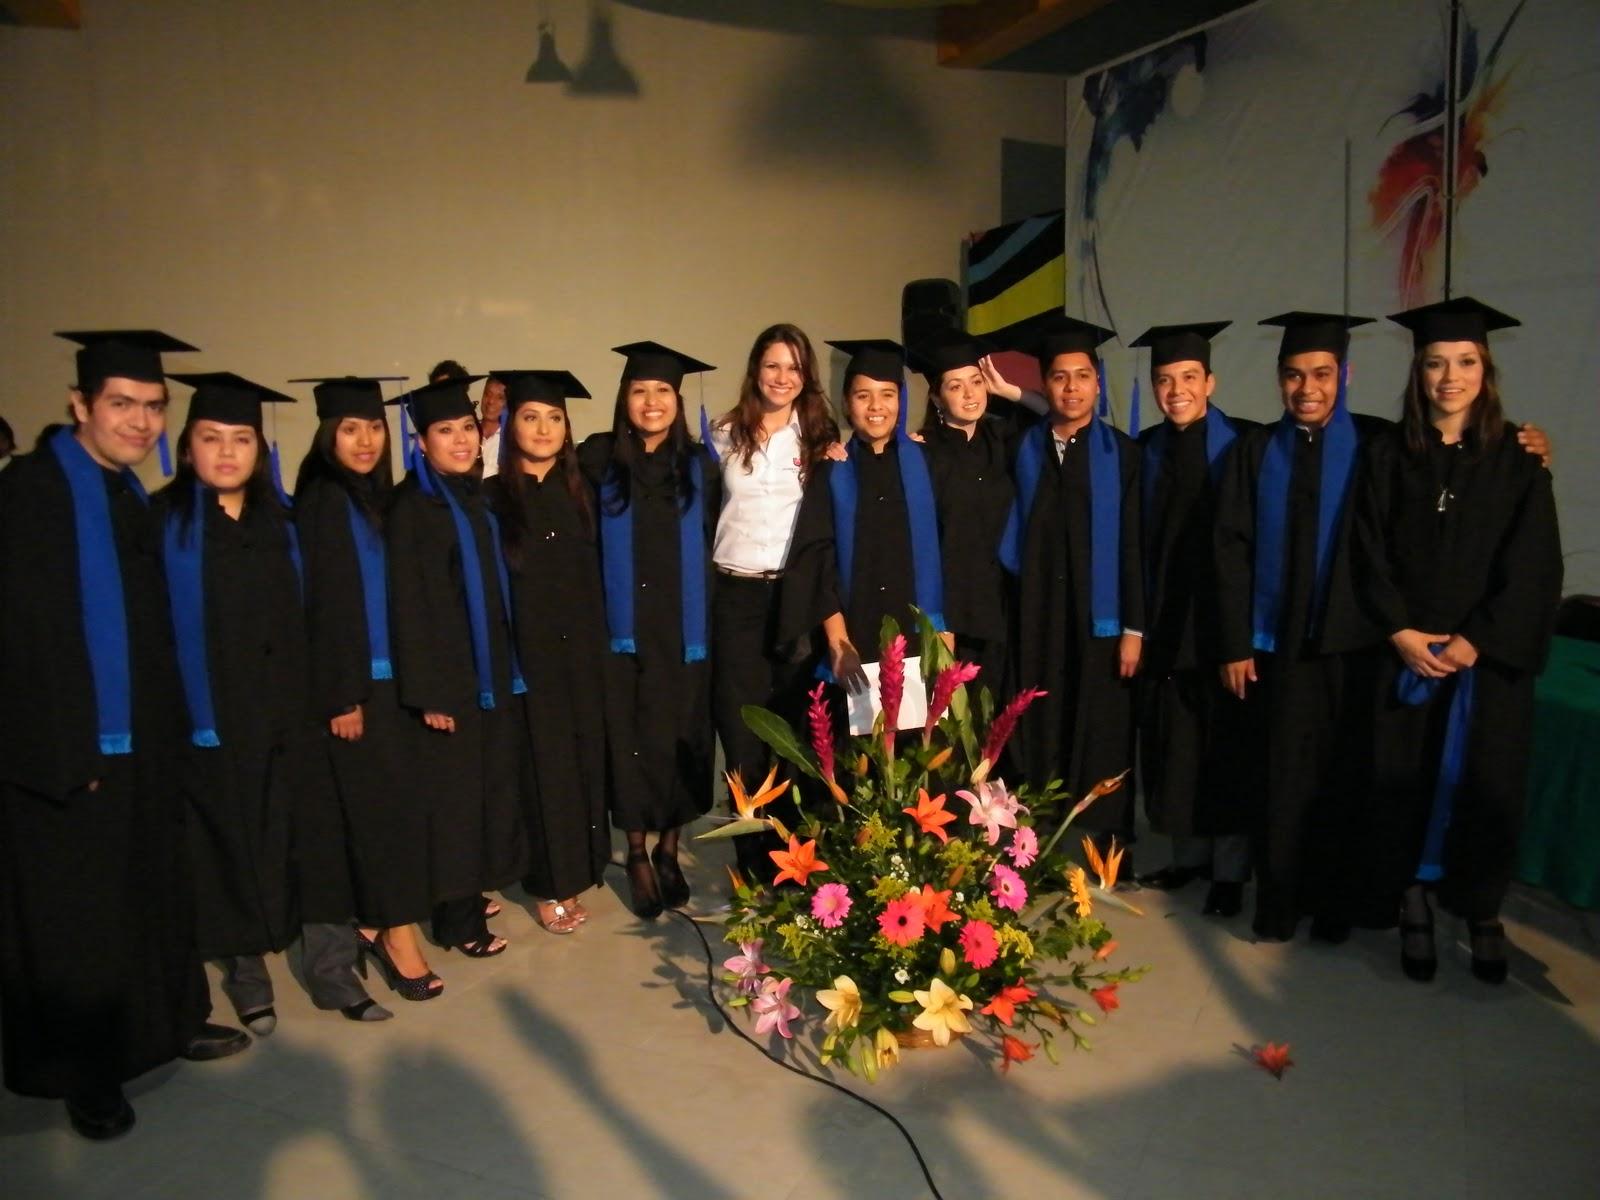 UAM: Se gradúa la generación 2007-2011 de comunicólogos de la UAM